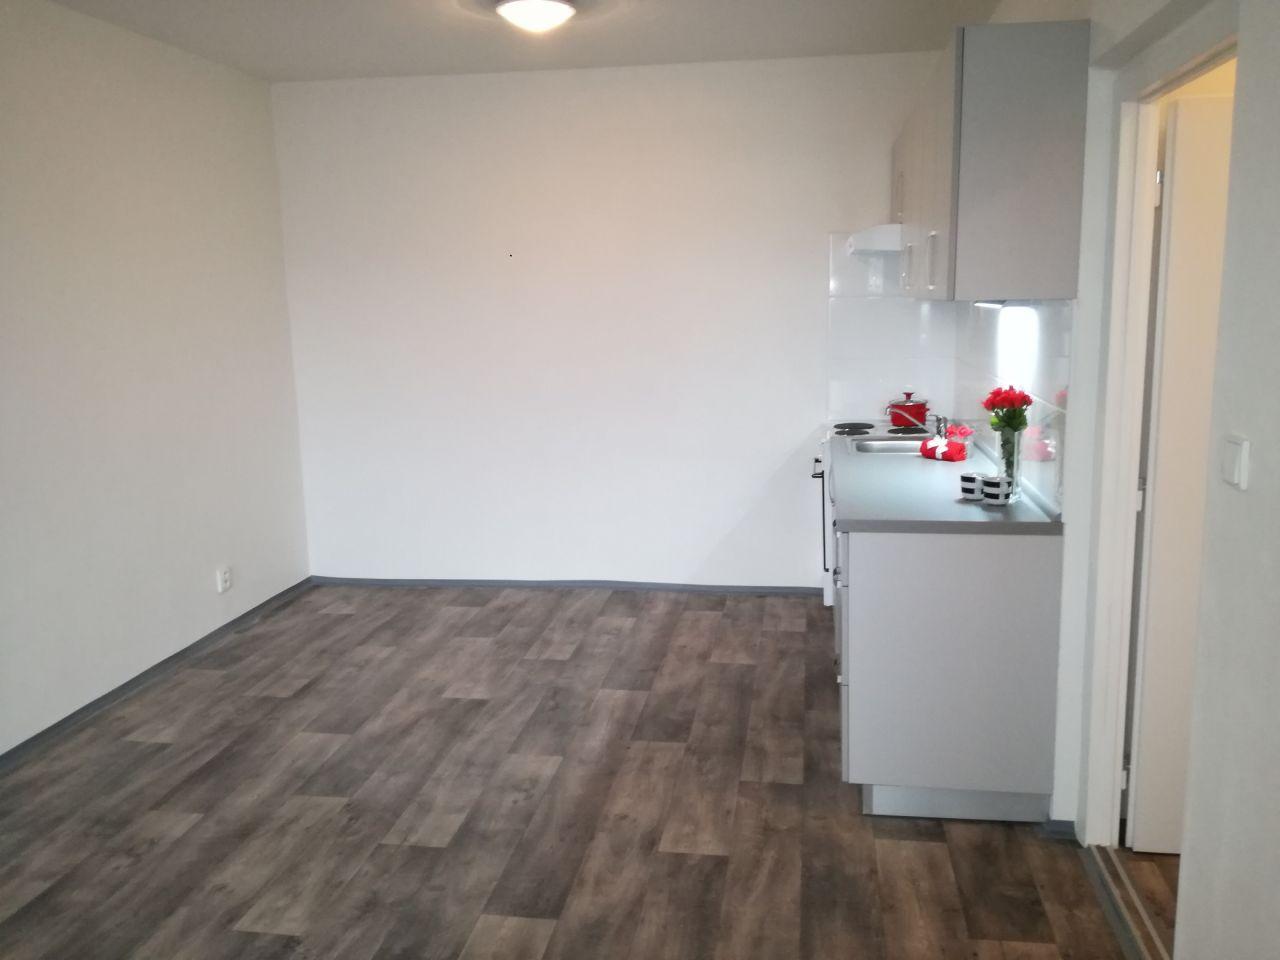 Pronájem bytu 2+kk 48 m2, ul. Jiřího Herolda 1563/4, Ostrava - Bělský les